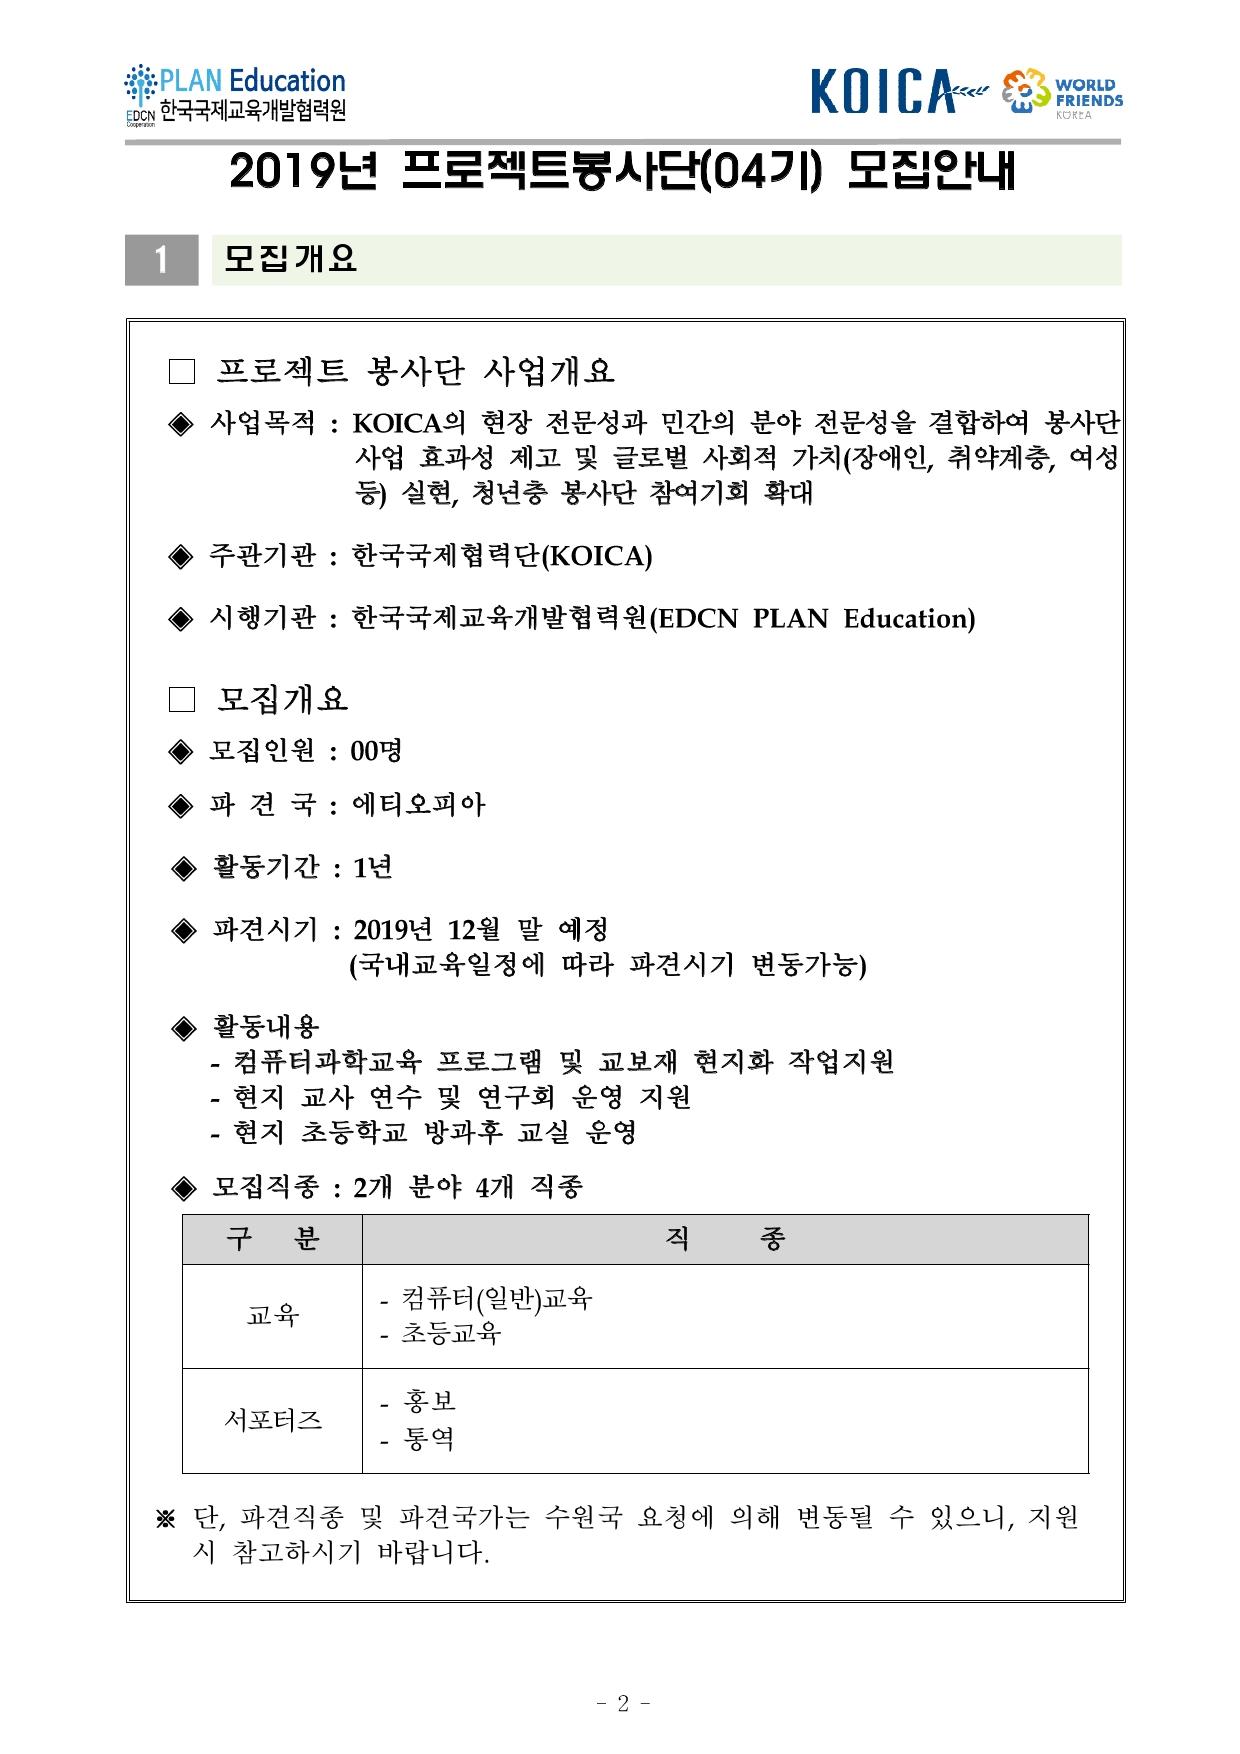 추가모집안내문_20191010-3.jpg